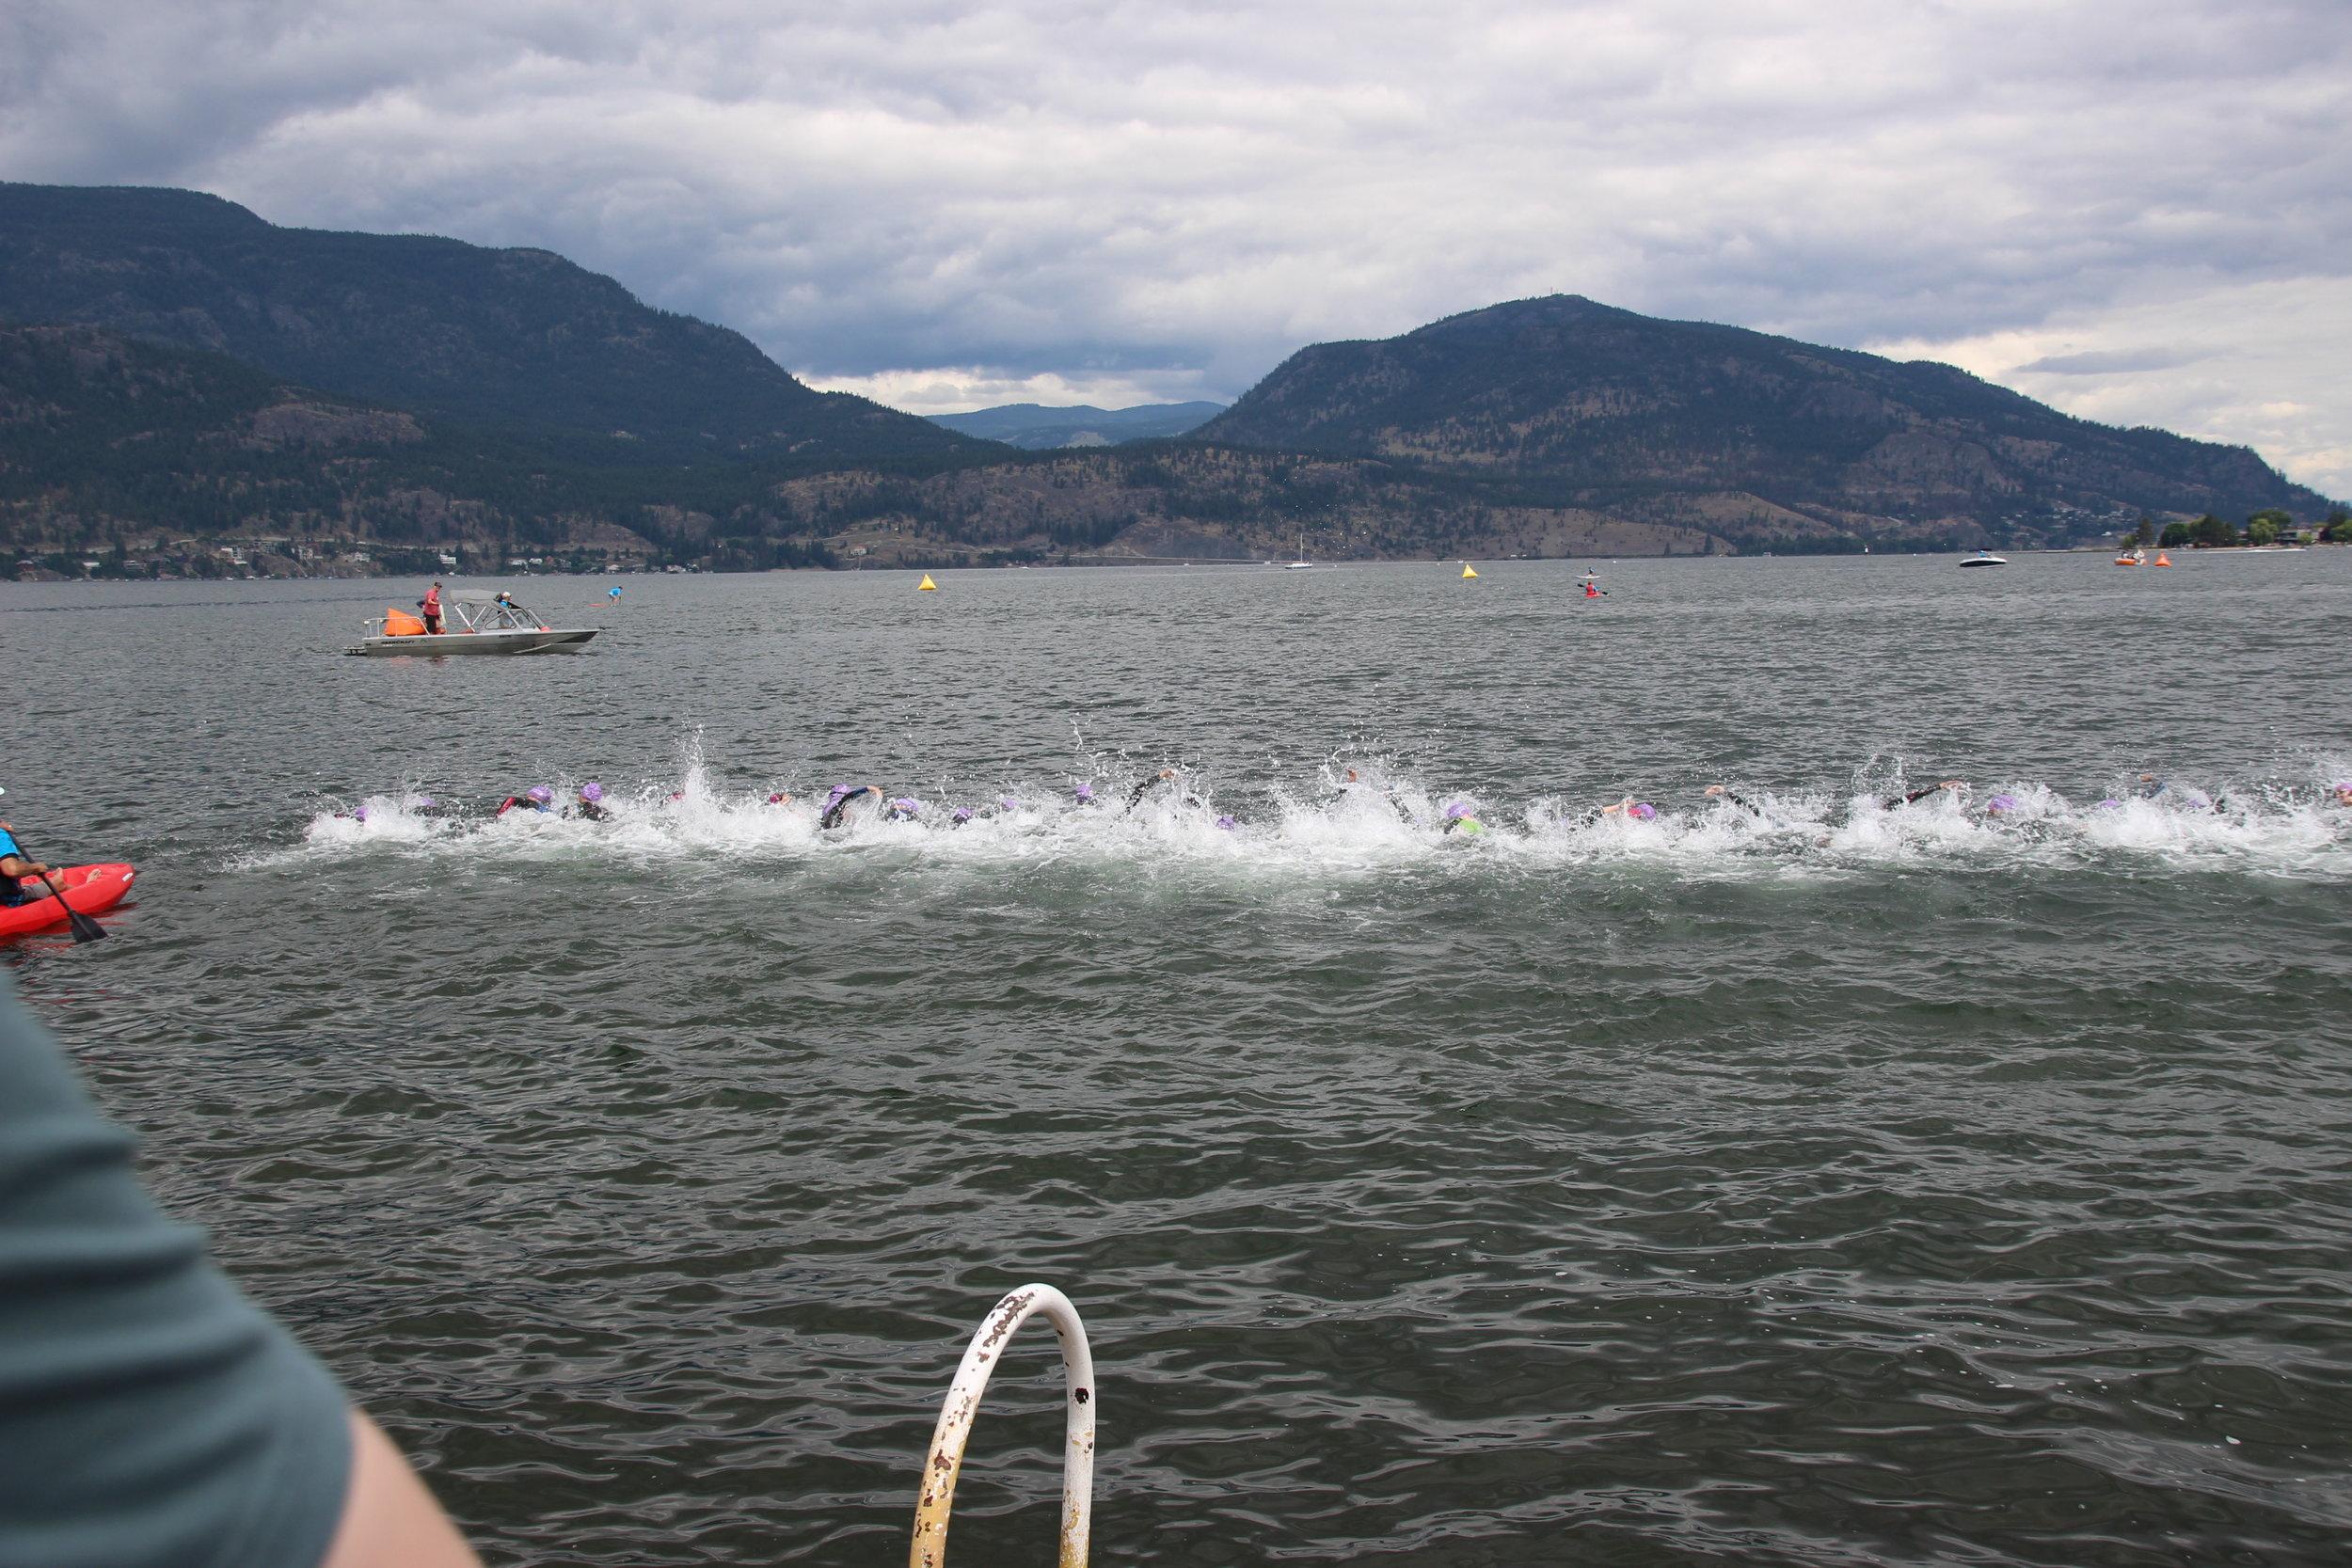 Départ de la natation. Finale. Lac Okanagan